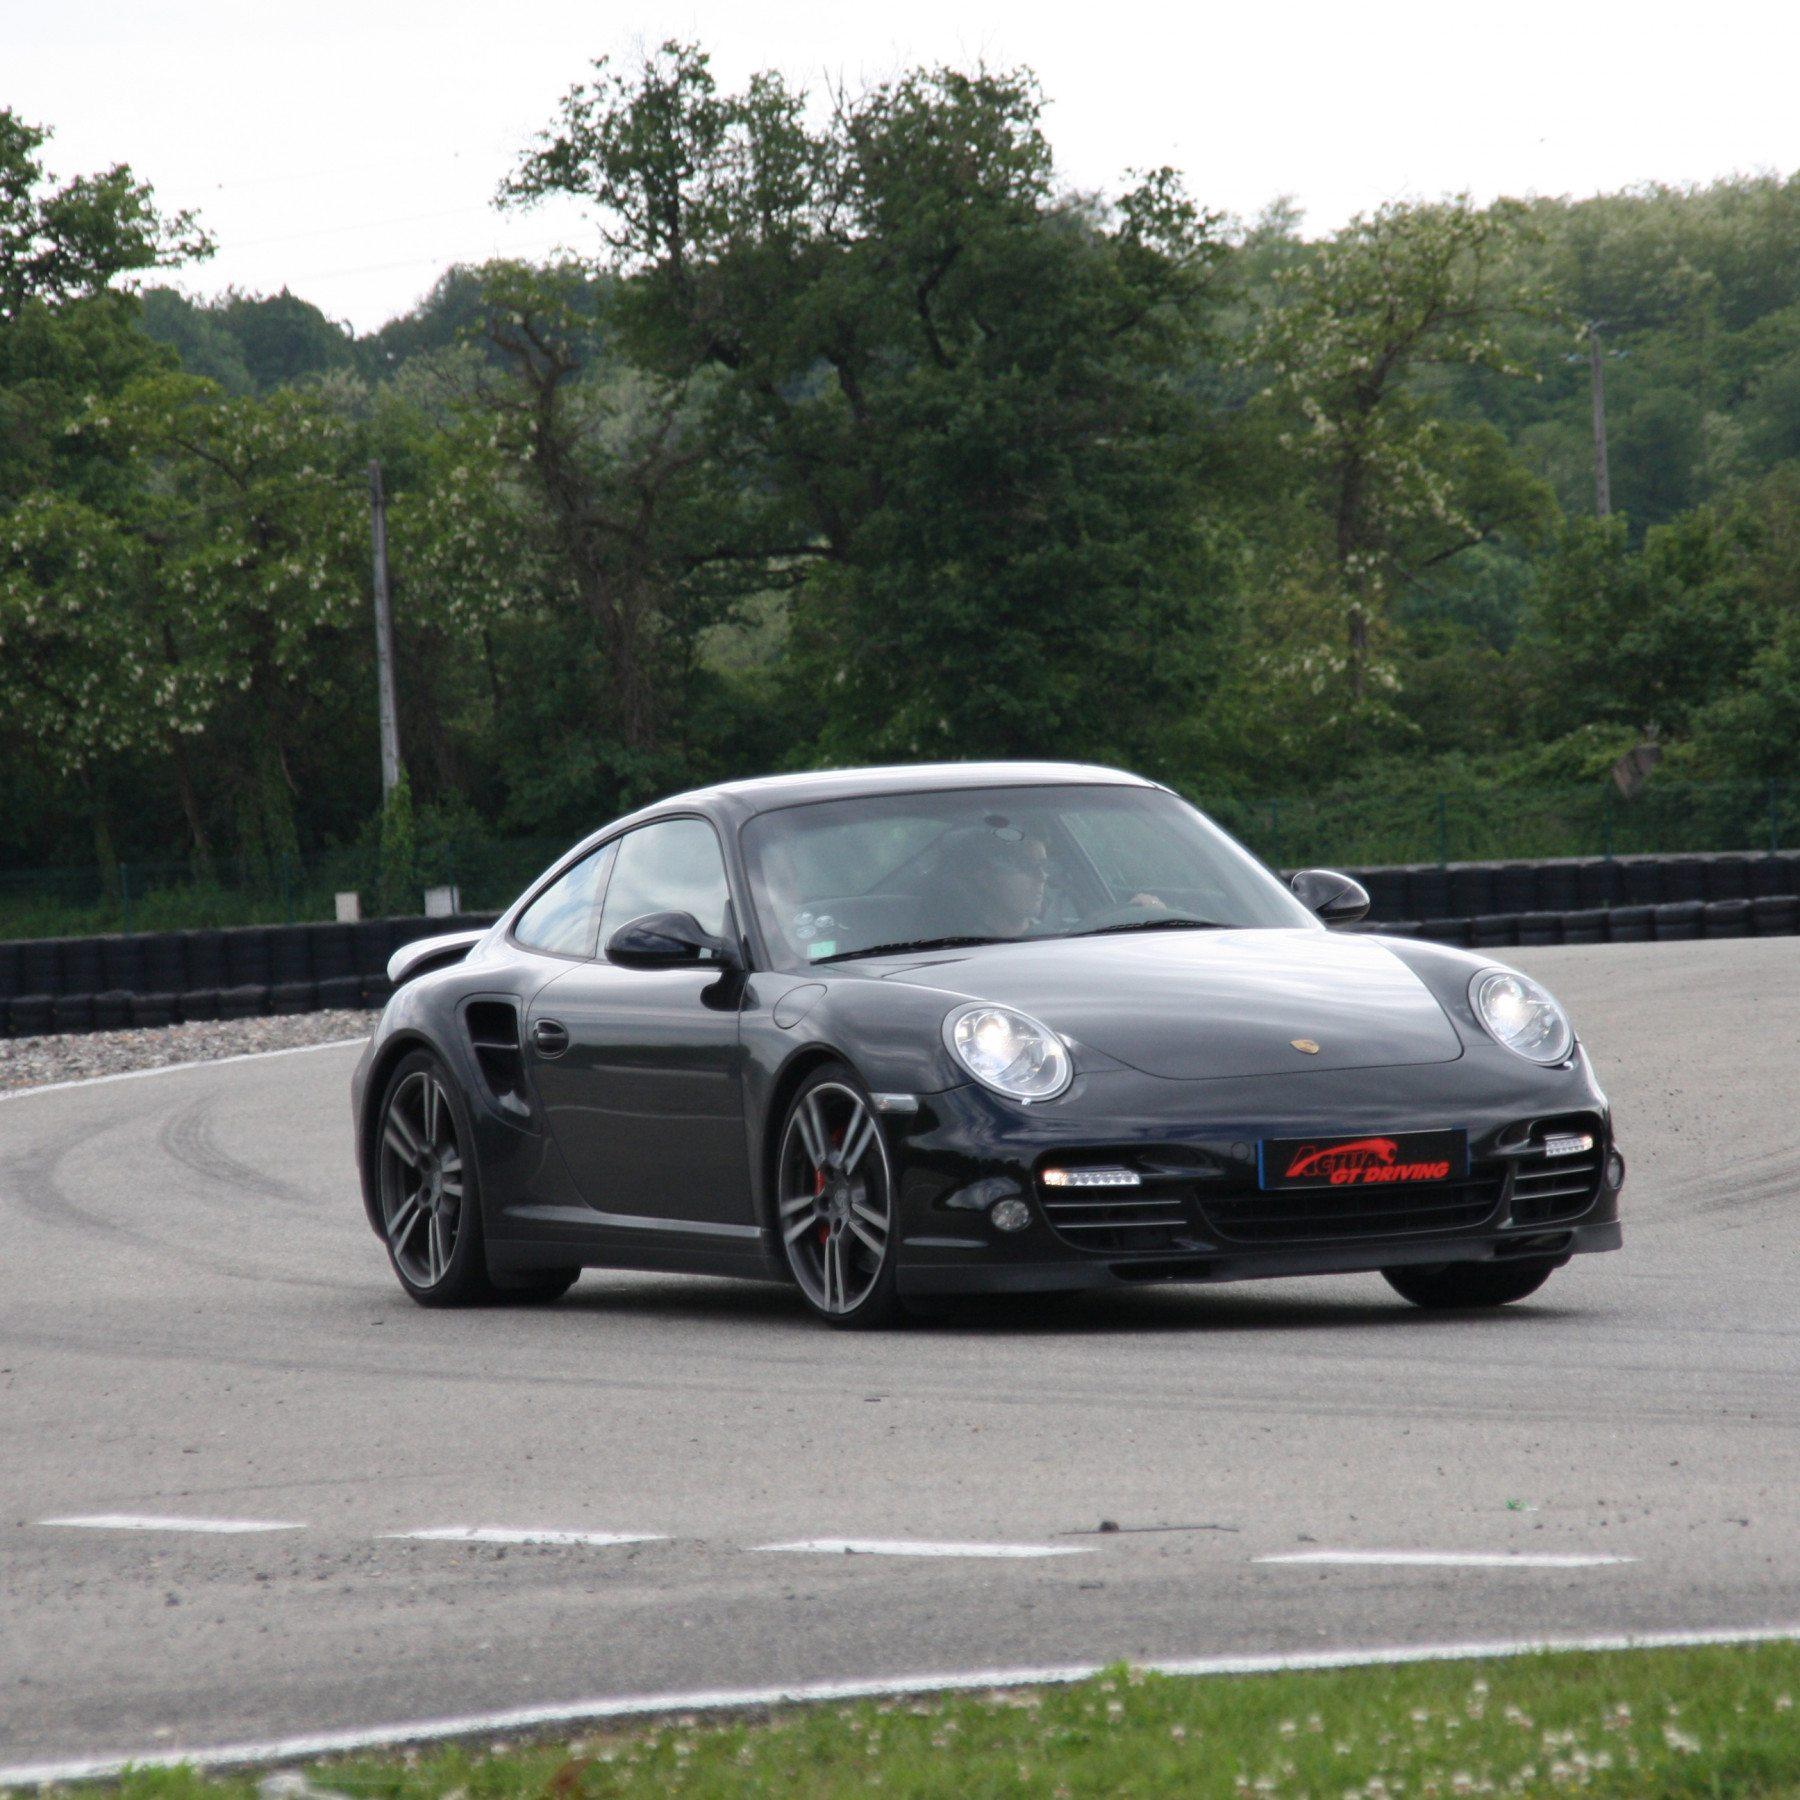 Guida una Porsche 997 da 99 € - Circuito di Precenicco (UD)